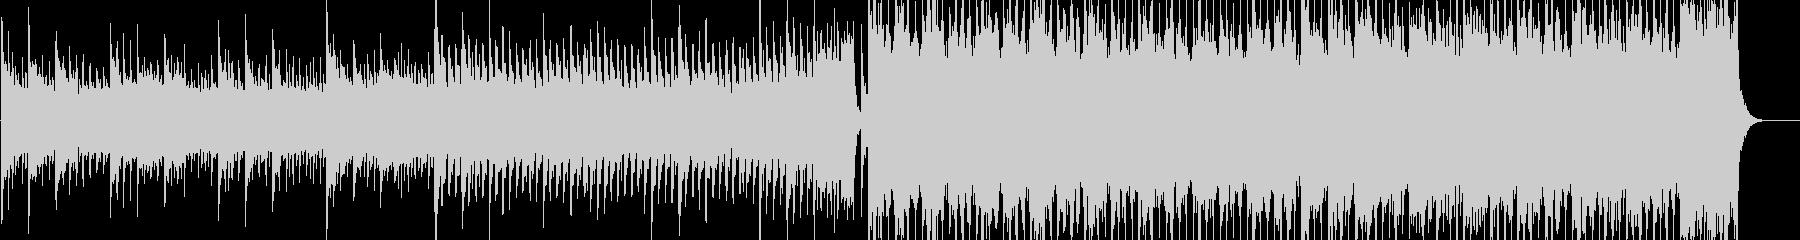 明るくアップテンポなEDM、ハウス曲の未再生の波形